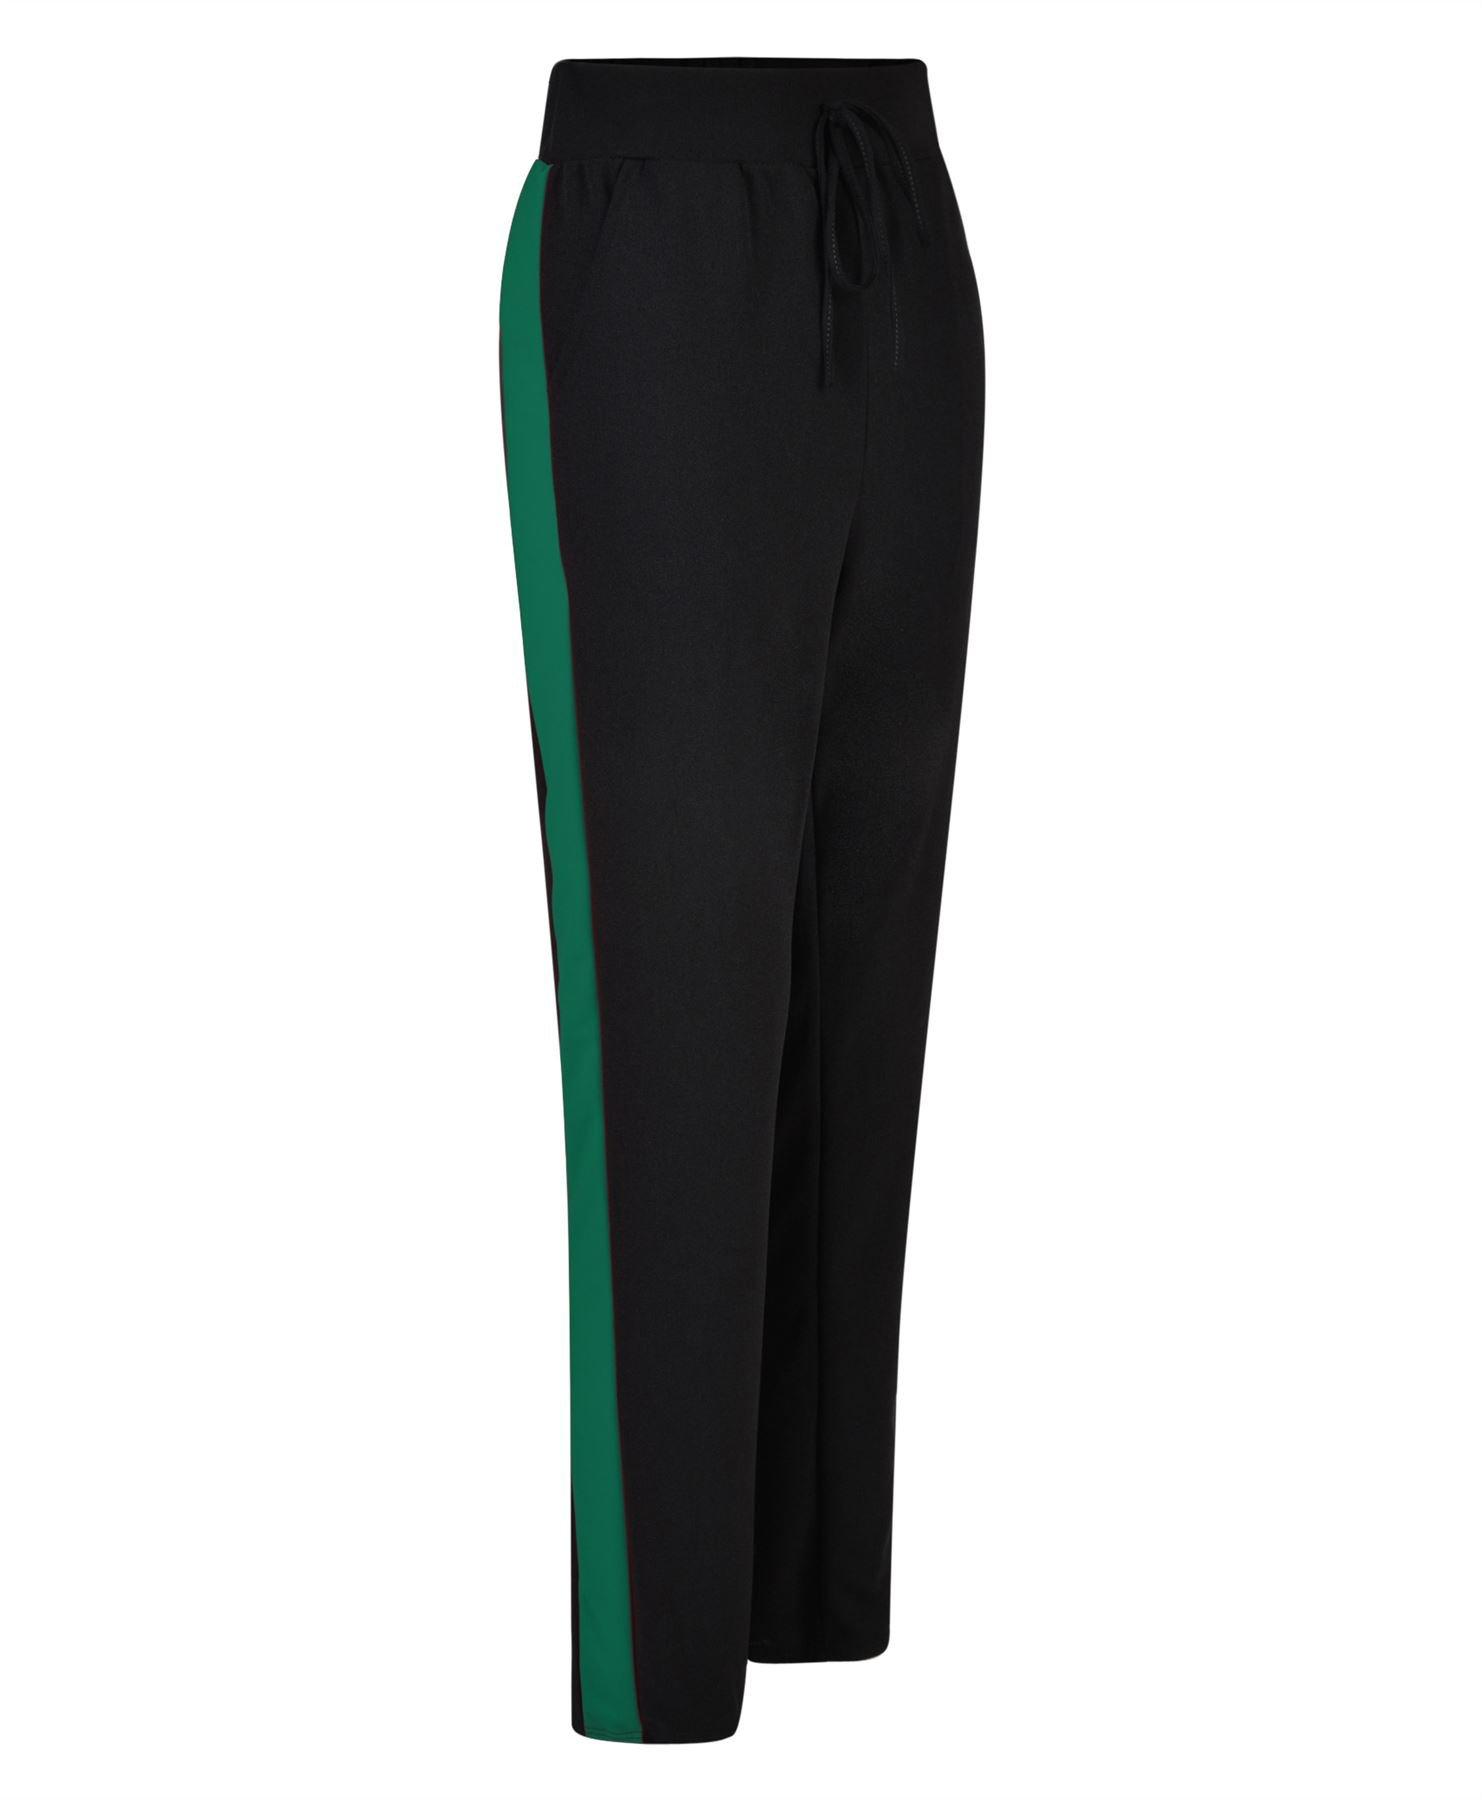 LotMart Women Pencil Loose Sweatpants Side Stripped in Black-Green XL/XXL (EU44/46 UK16/18 US12/14)